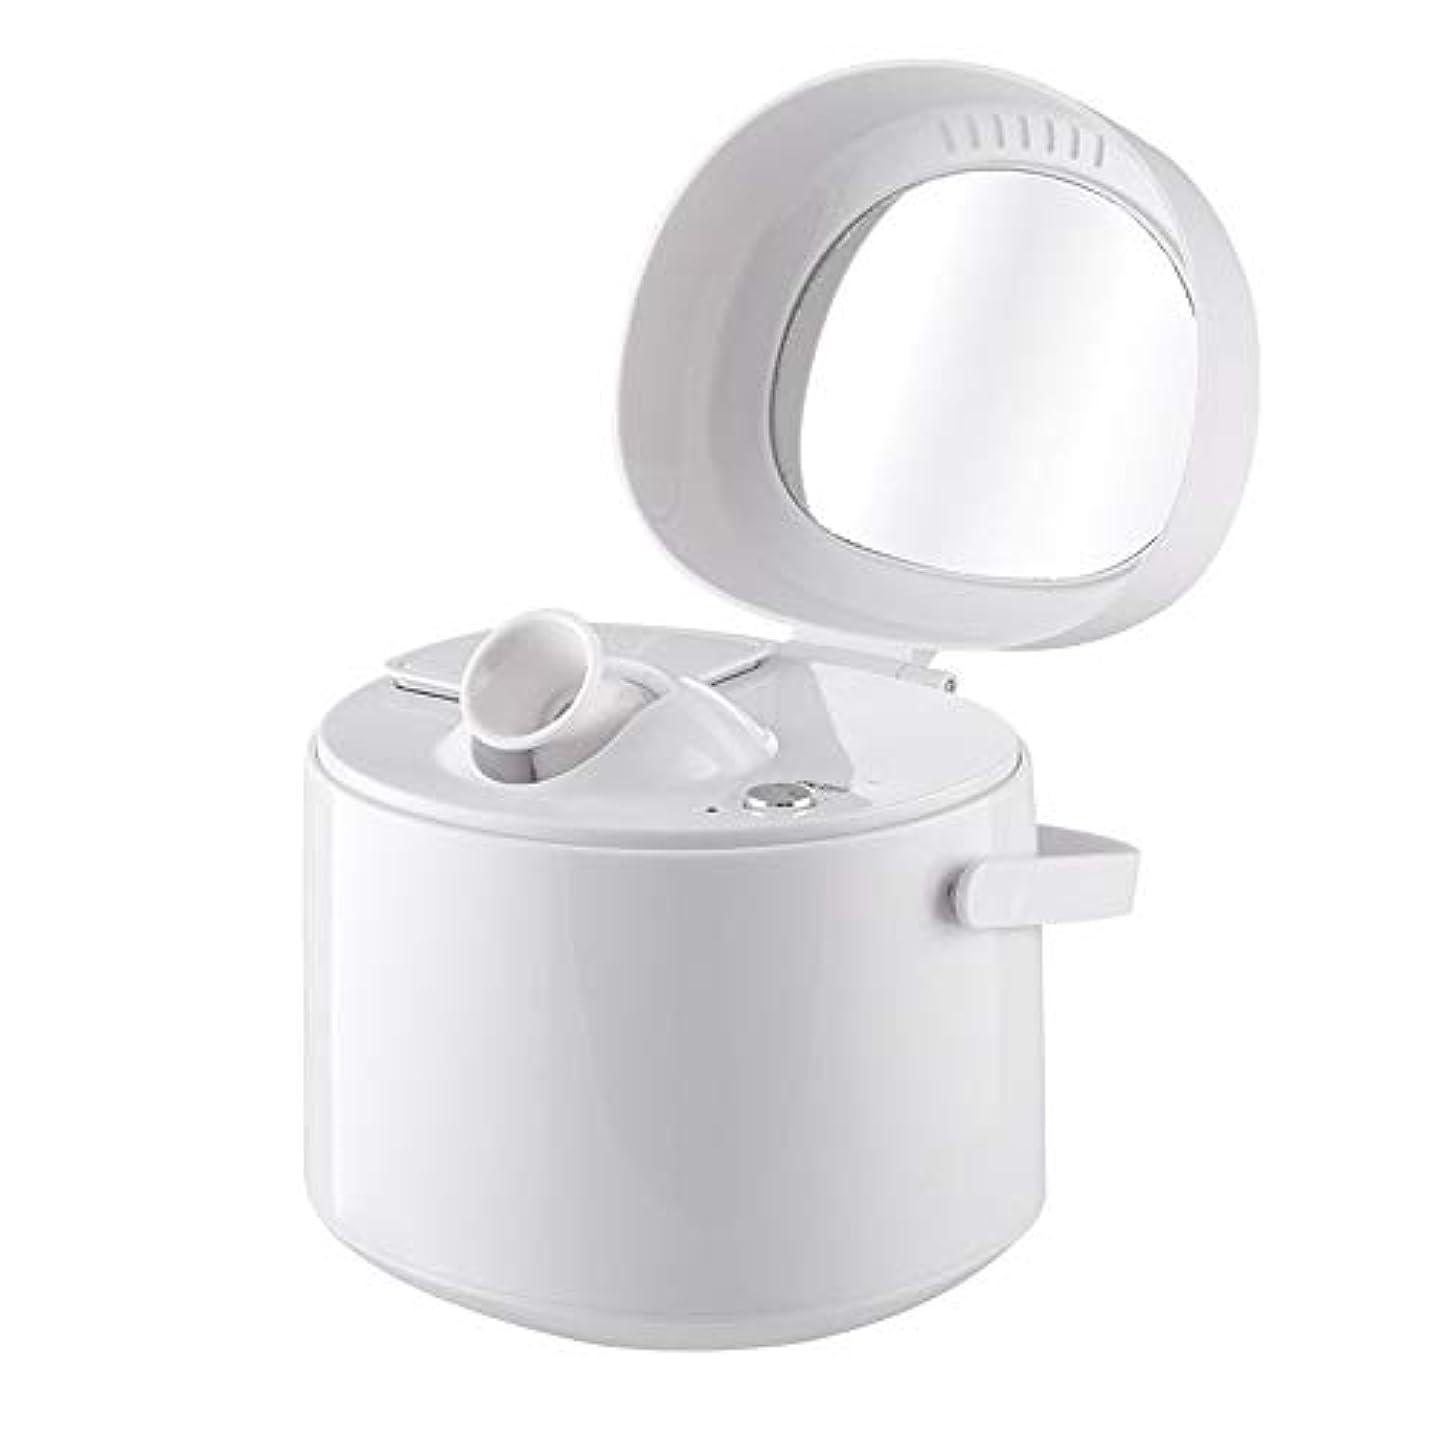 カテナ進化するつま先ZXF ホットスプレースチームフェイス美容器具ホームナノイオン保湿スプレー美容器具美容ミラーホワイト 滑らかである